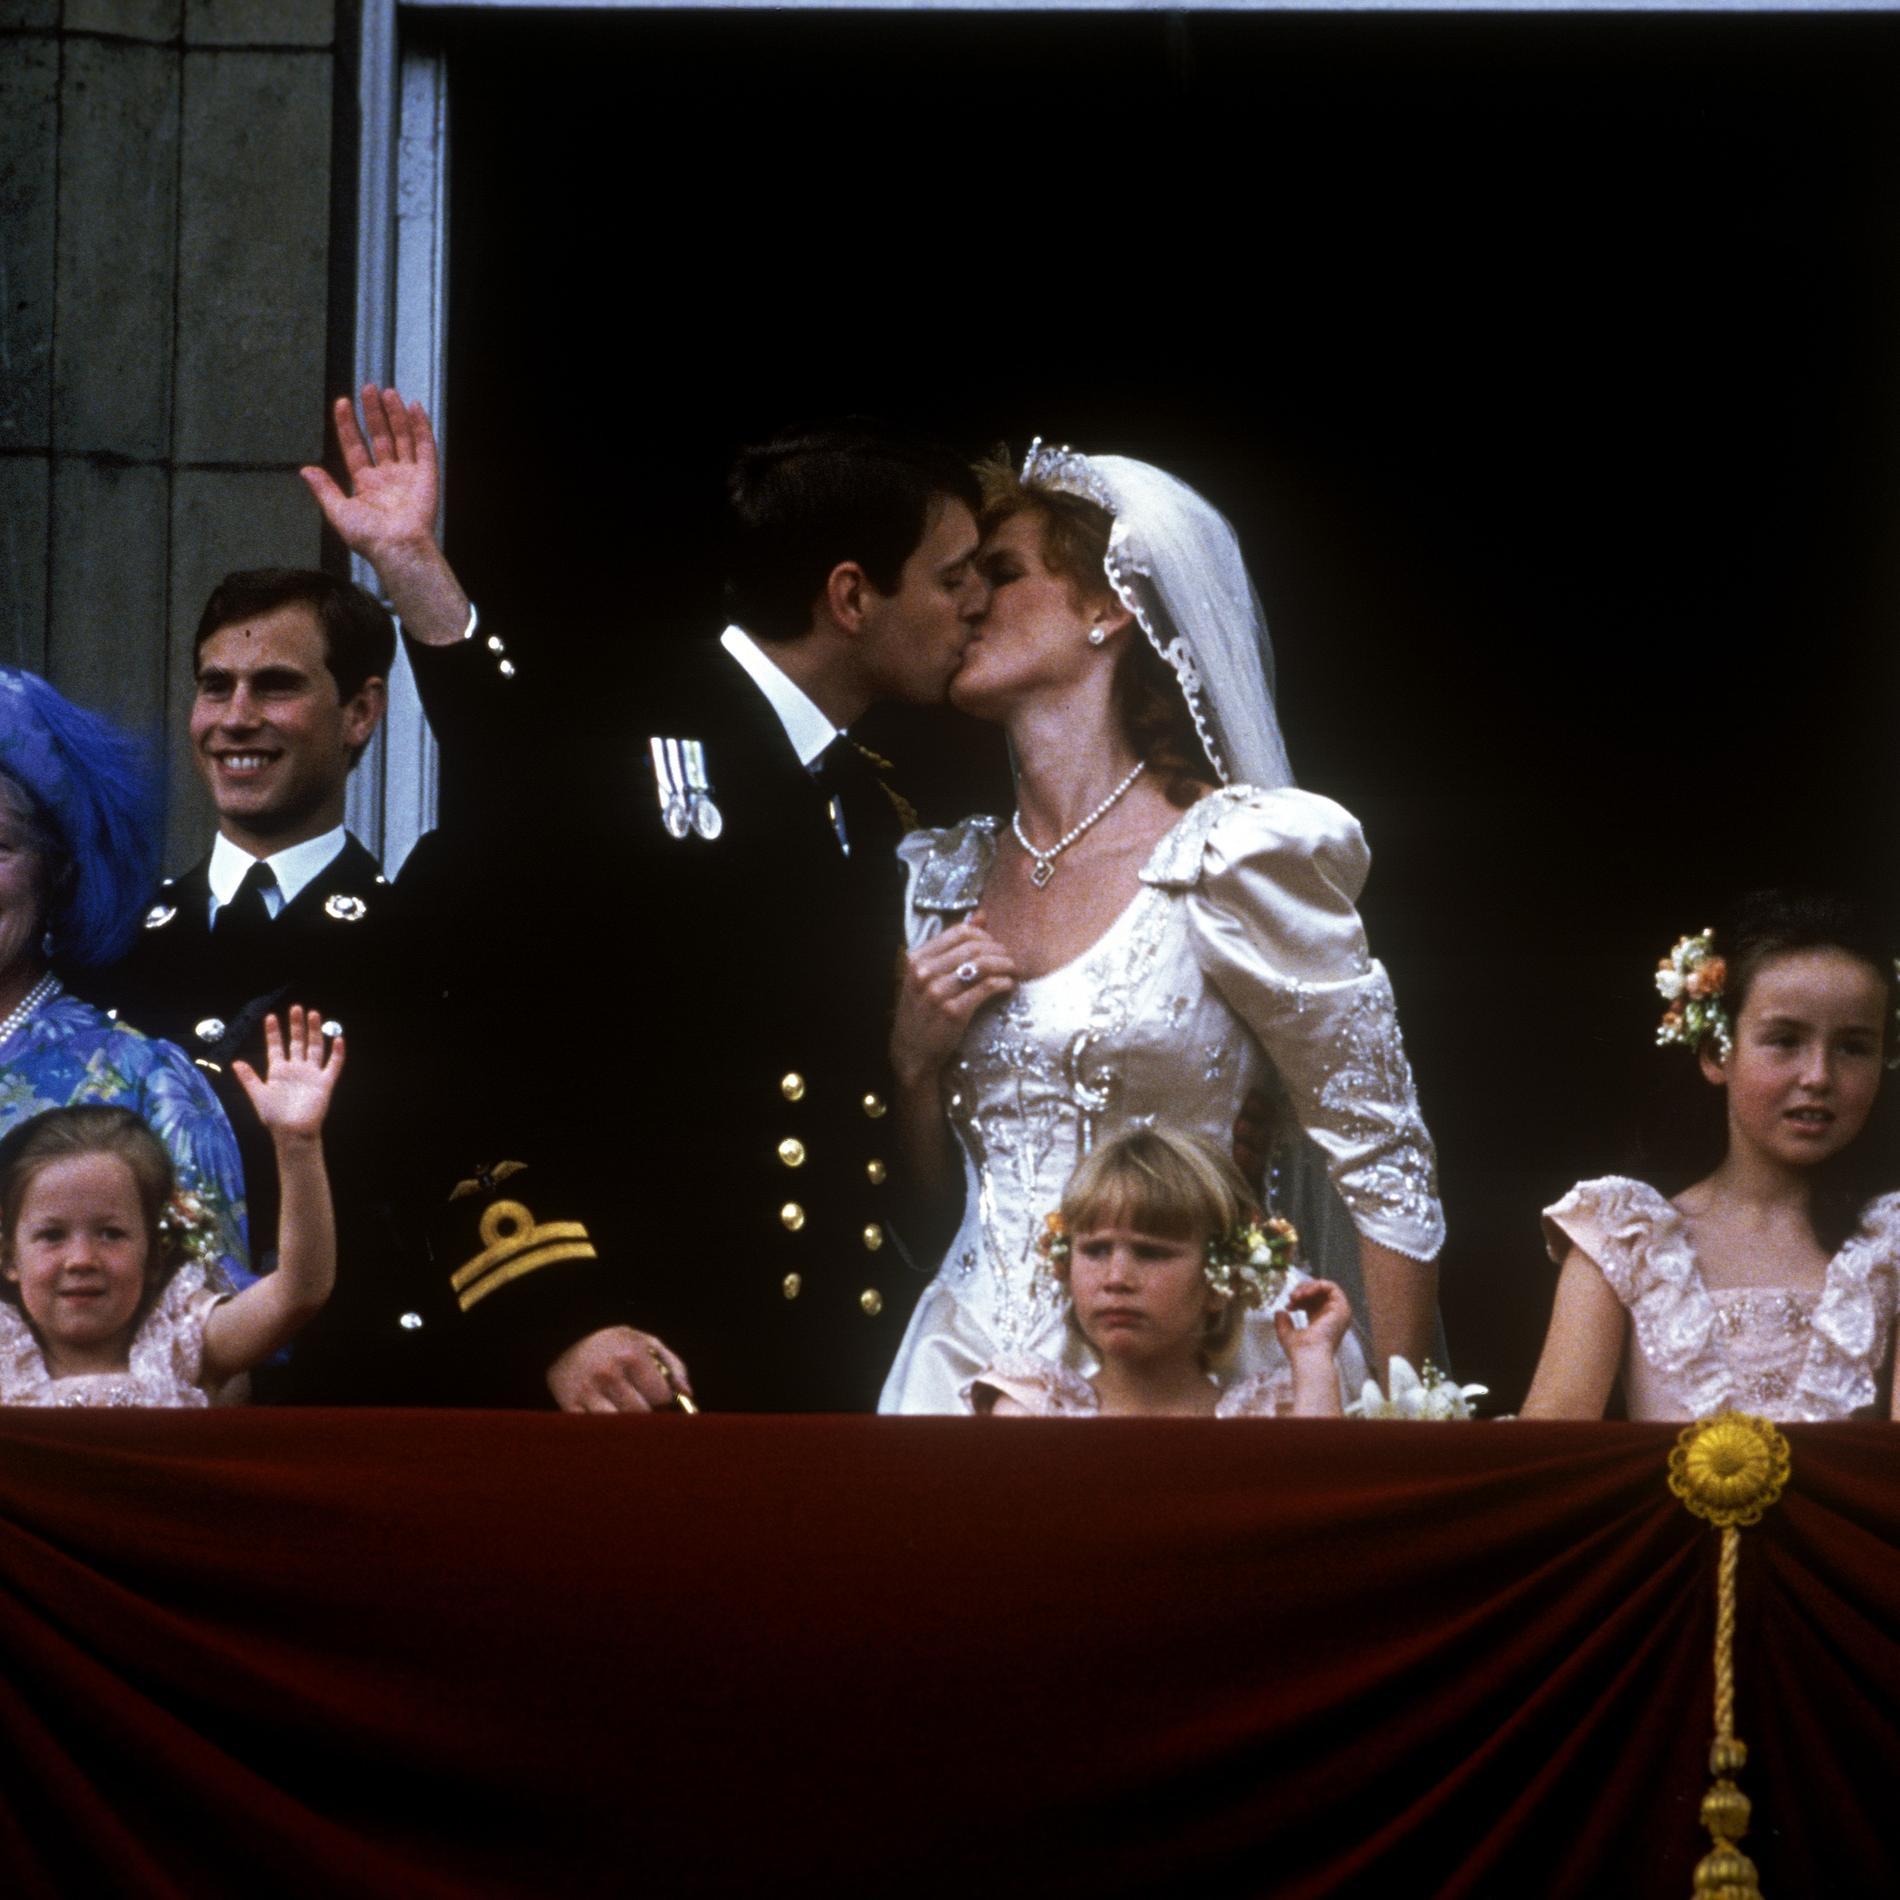 Le mariage du prince Andrew et Sarah Ferguson en 1986